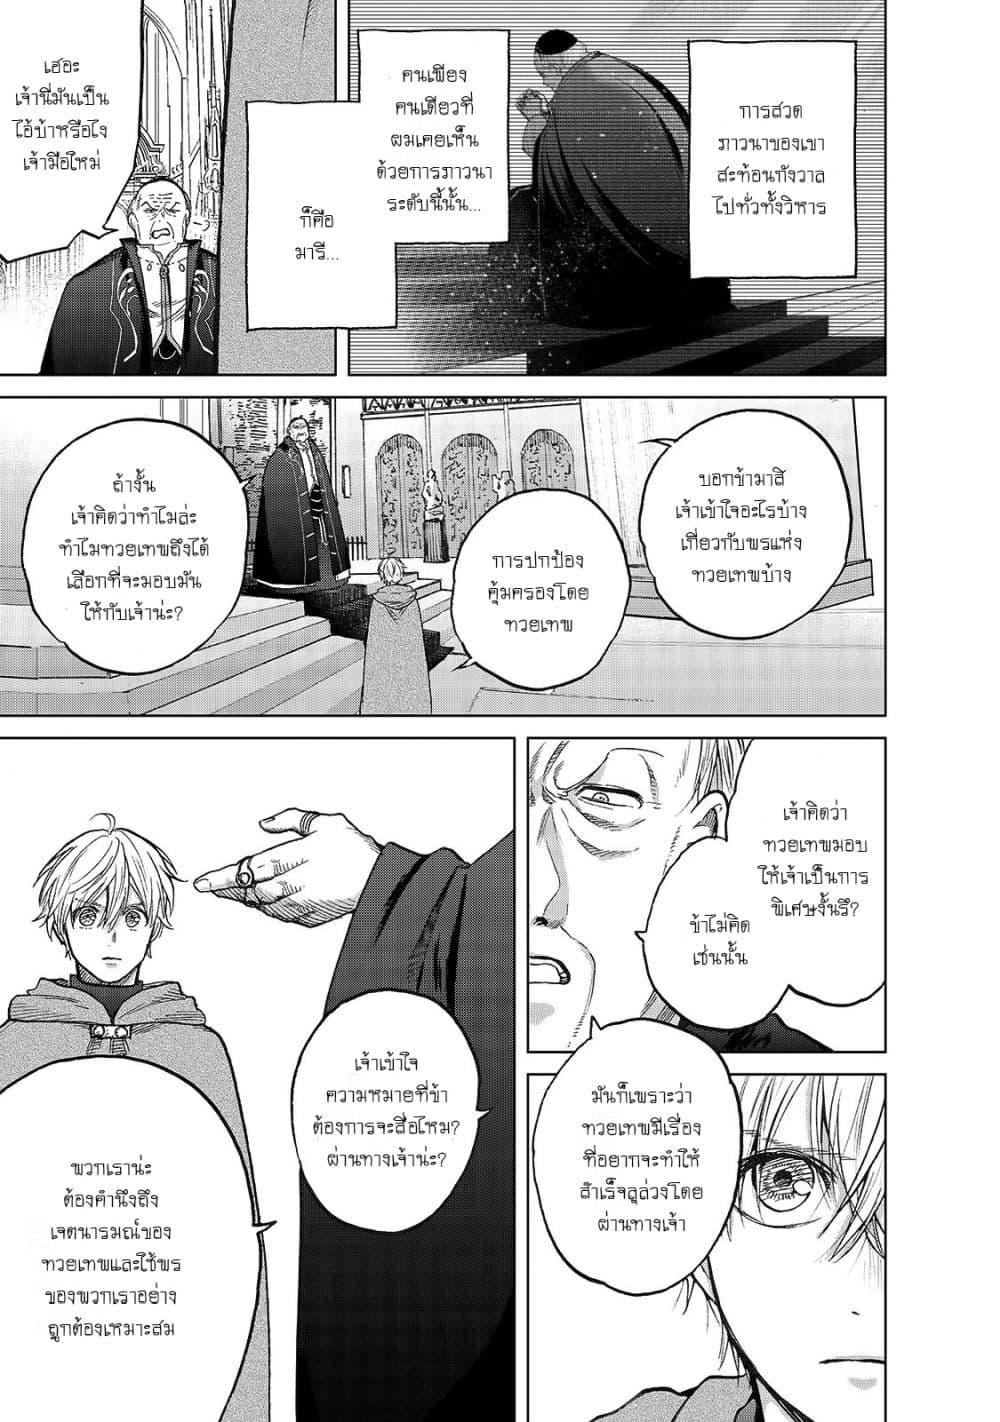 อ่านการ์ตูน Saihate no Paladin ตอนที่ 22 หน้าที่ 15